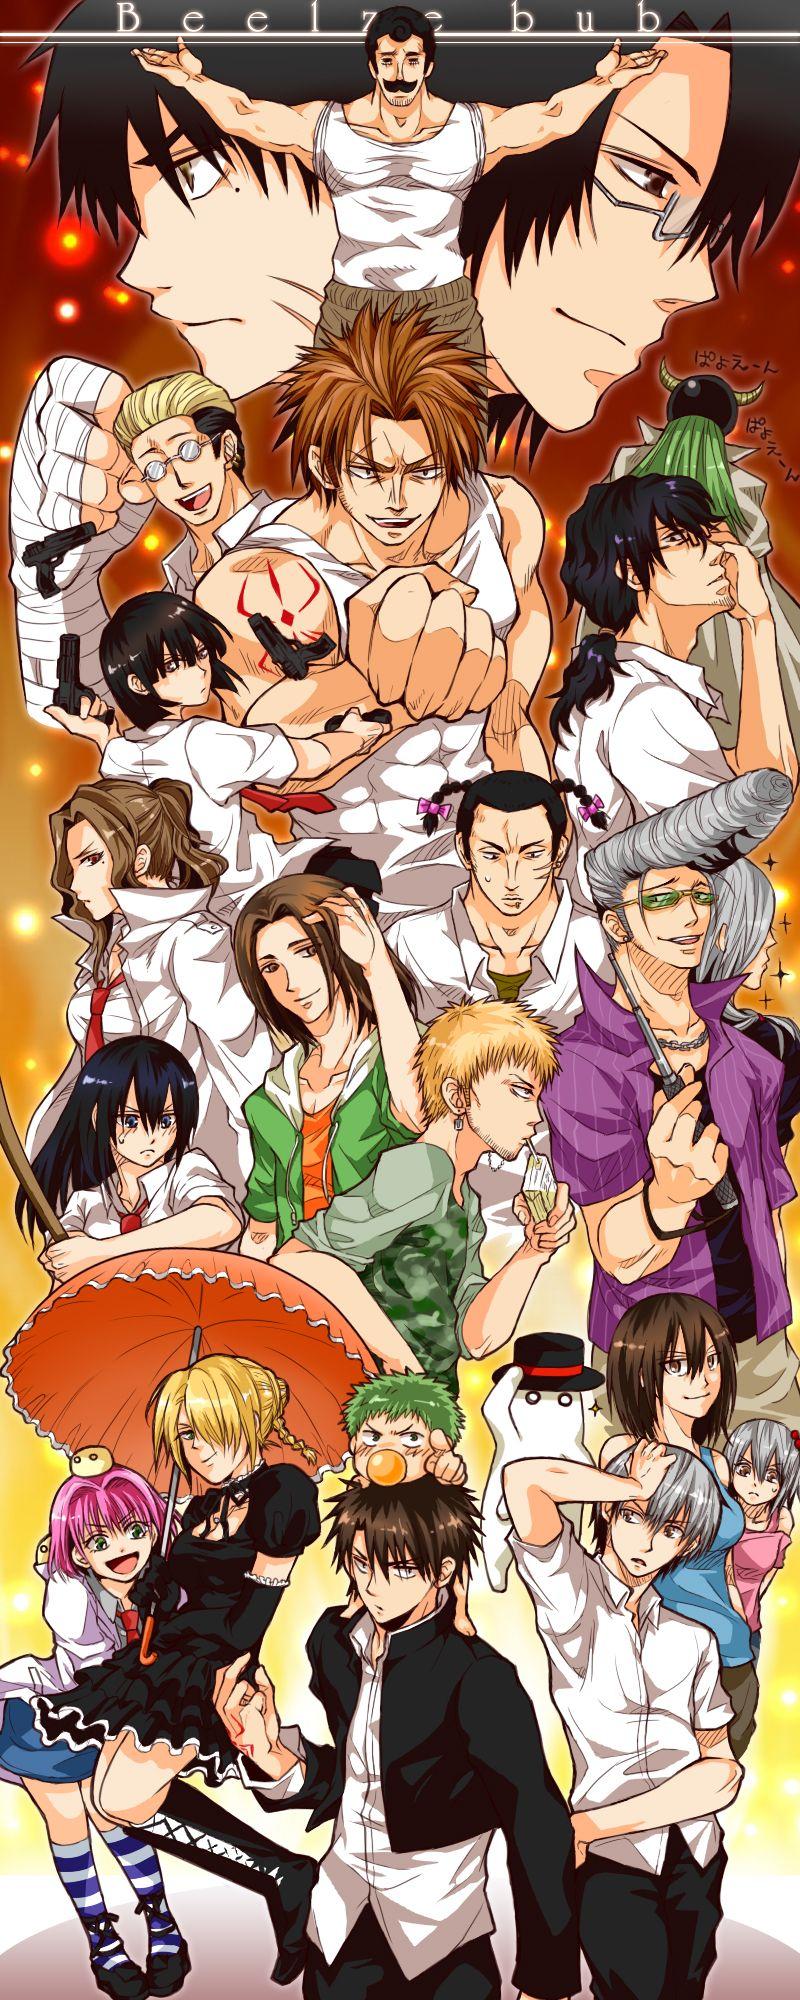 Épinglé par Worrywart sur Beel is love ️ Anime japonais